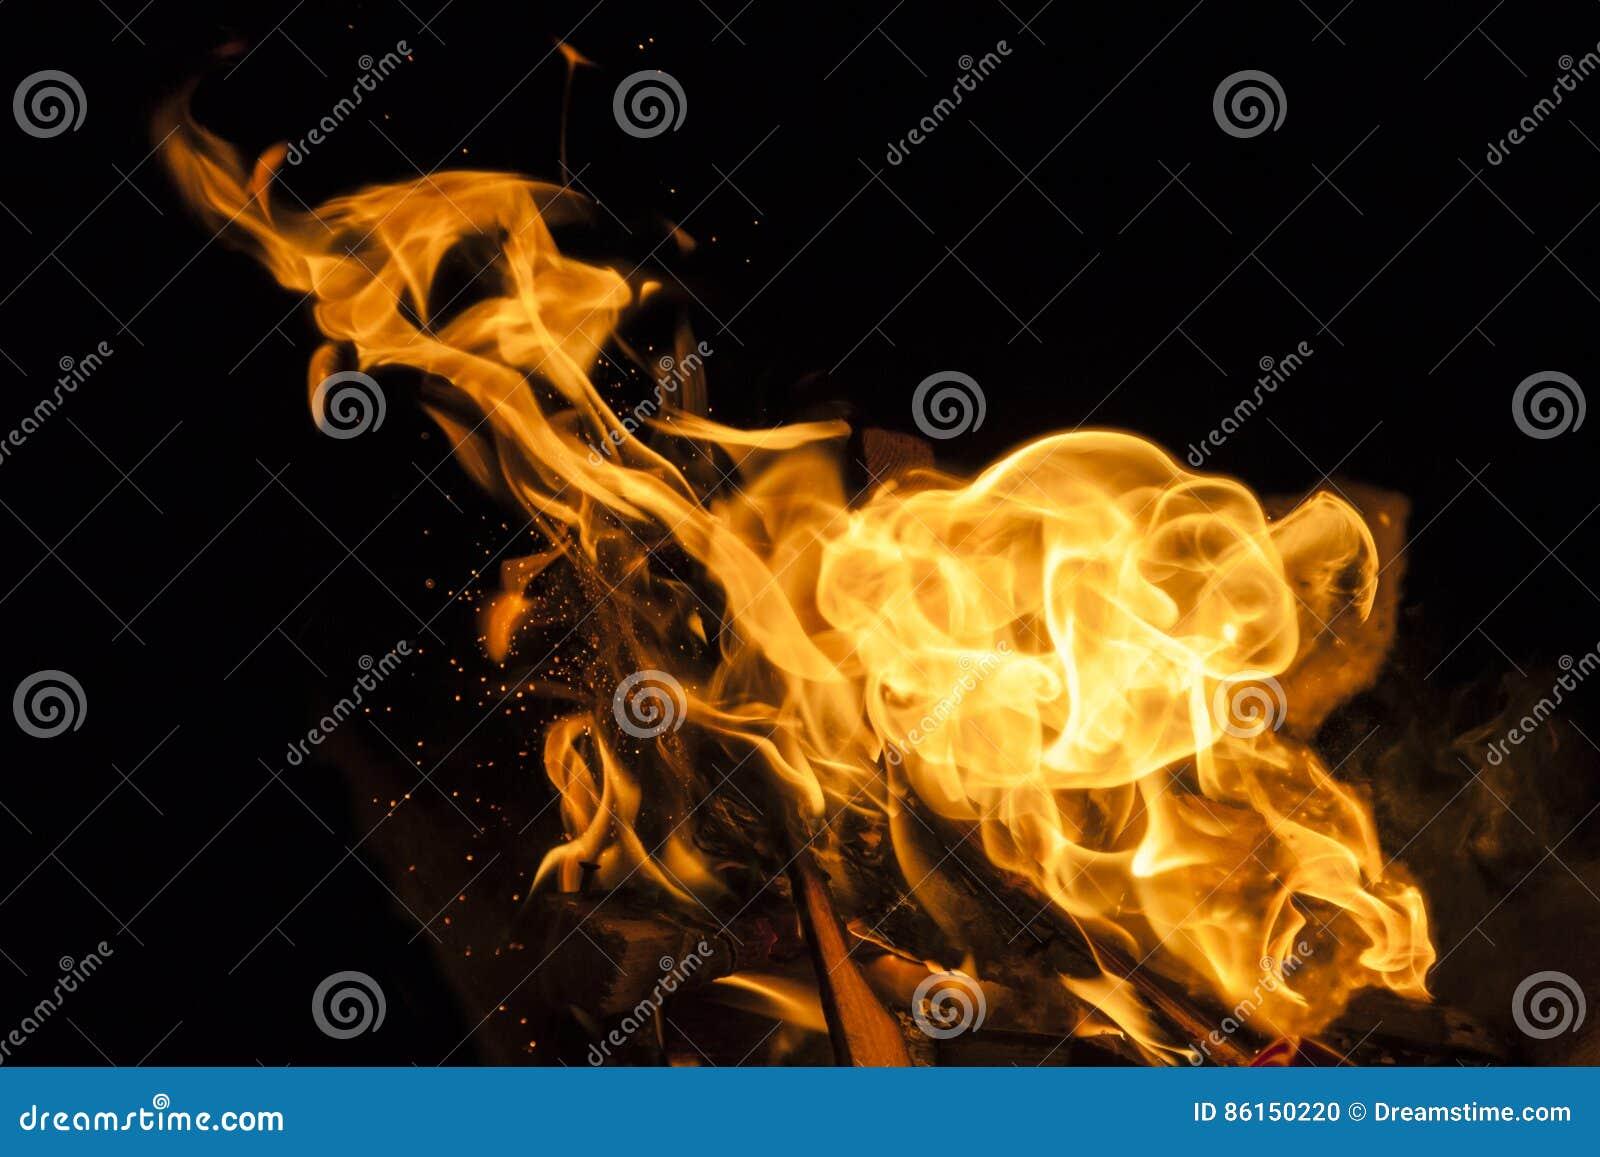 Φλόγα πυρκαγιάς στο μαύρο υπόβαθρο